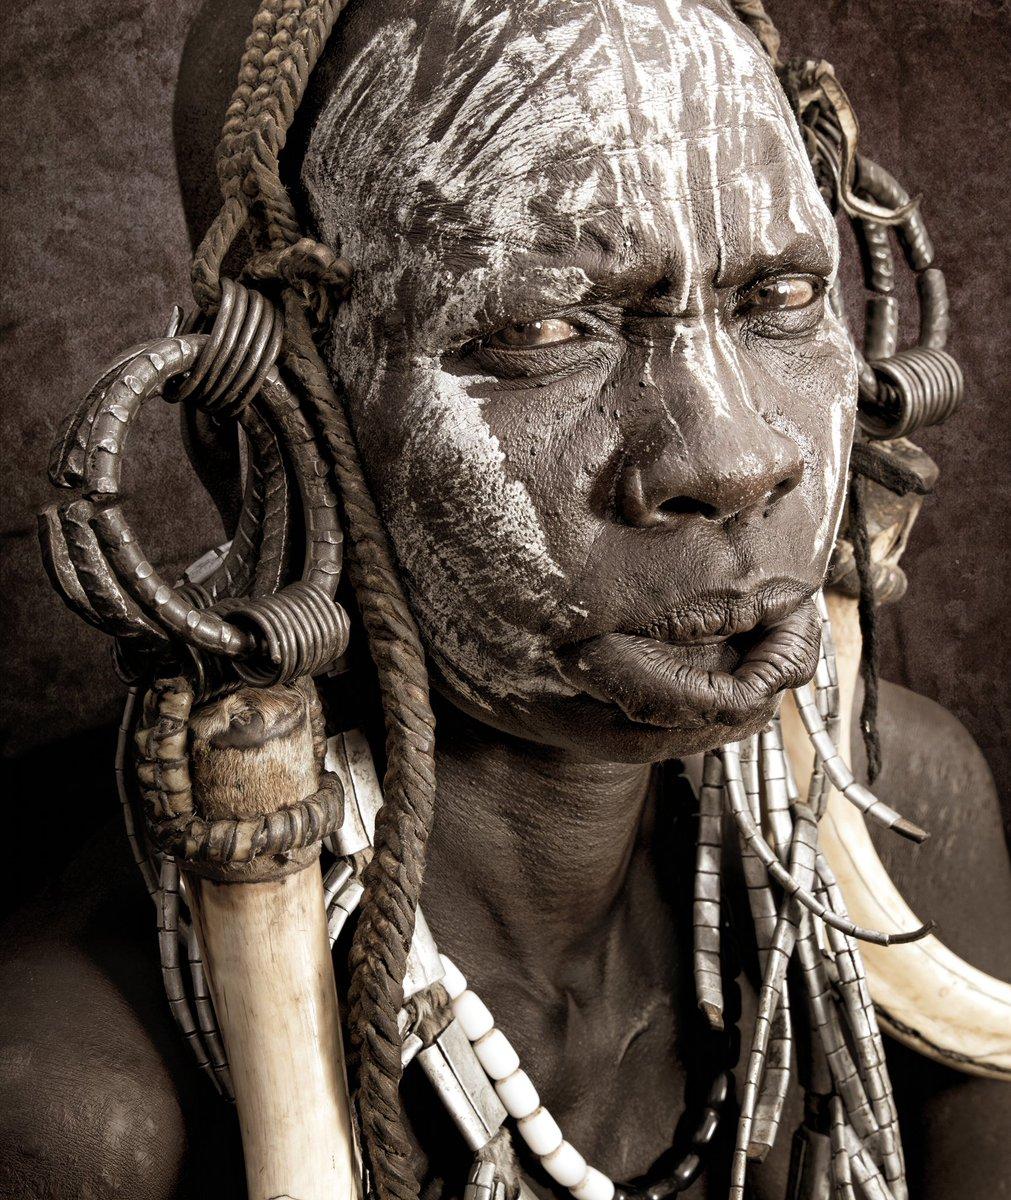 #اثيوبيا #قبائل_الاومو #من_تصويري  #portrait